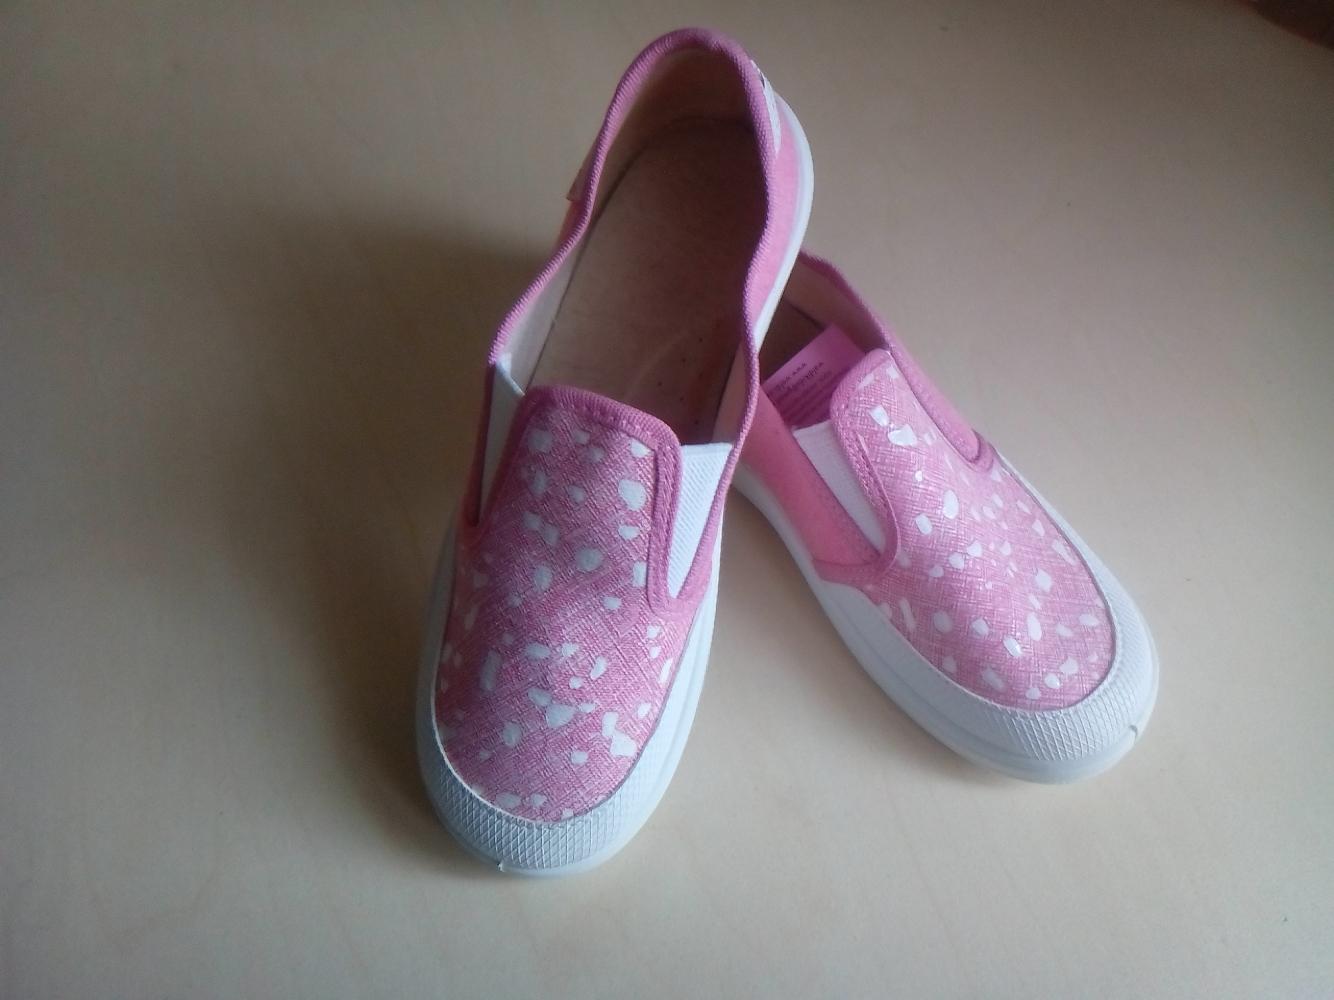 Детские мокасины Waldi Вика 6 розовые белый носок для девочки купить ... 8b954b5dfad